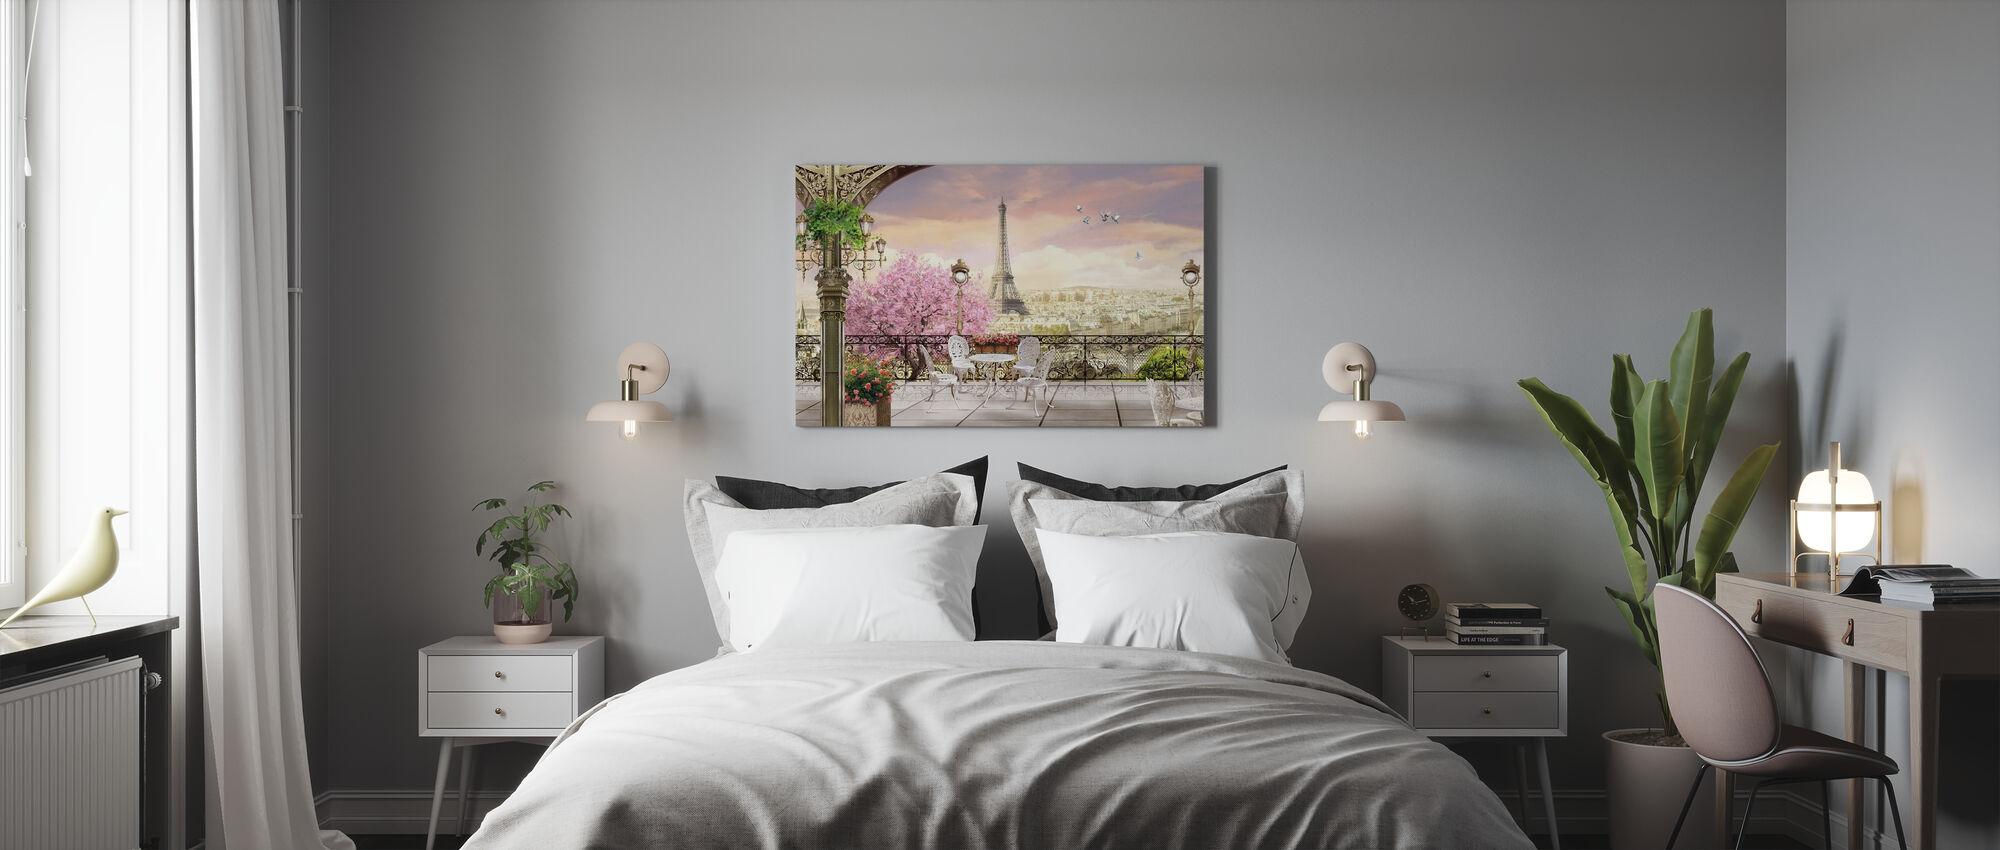 Terrasse Paris - Leinwandbild - Schlafzimmer